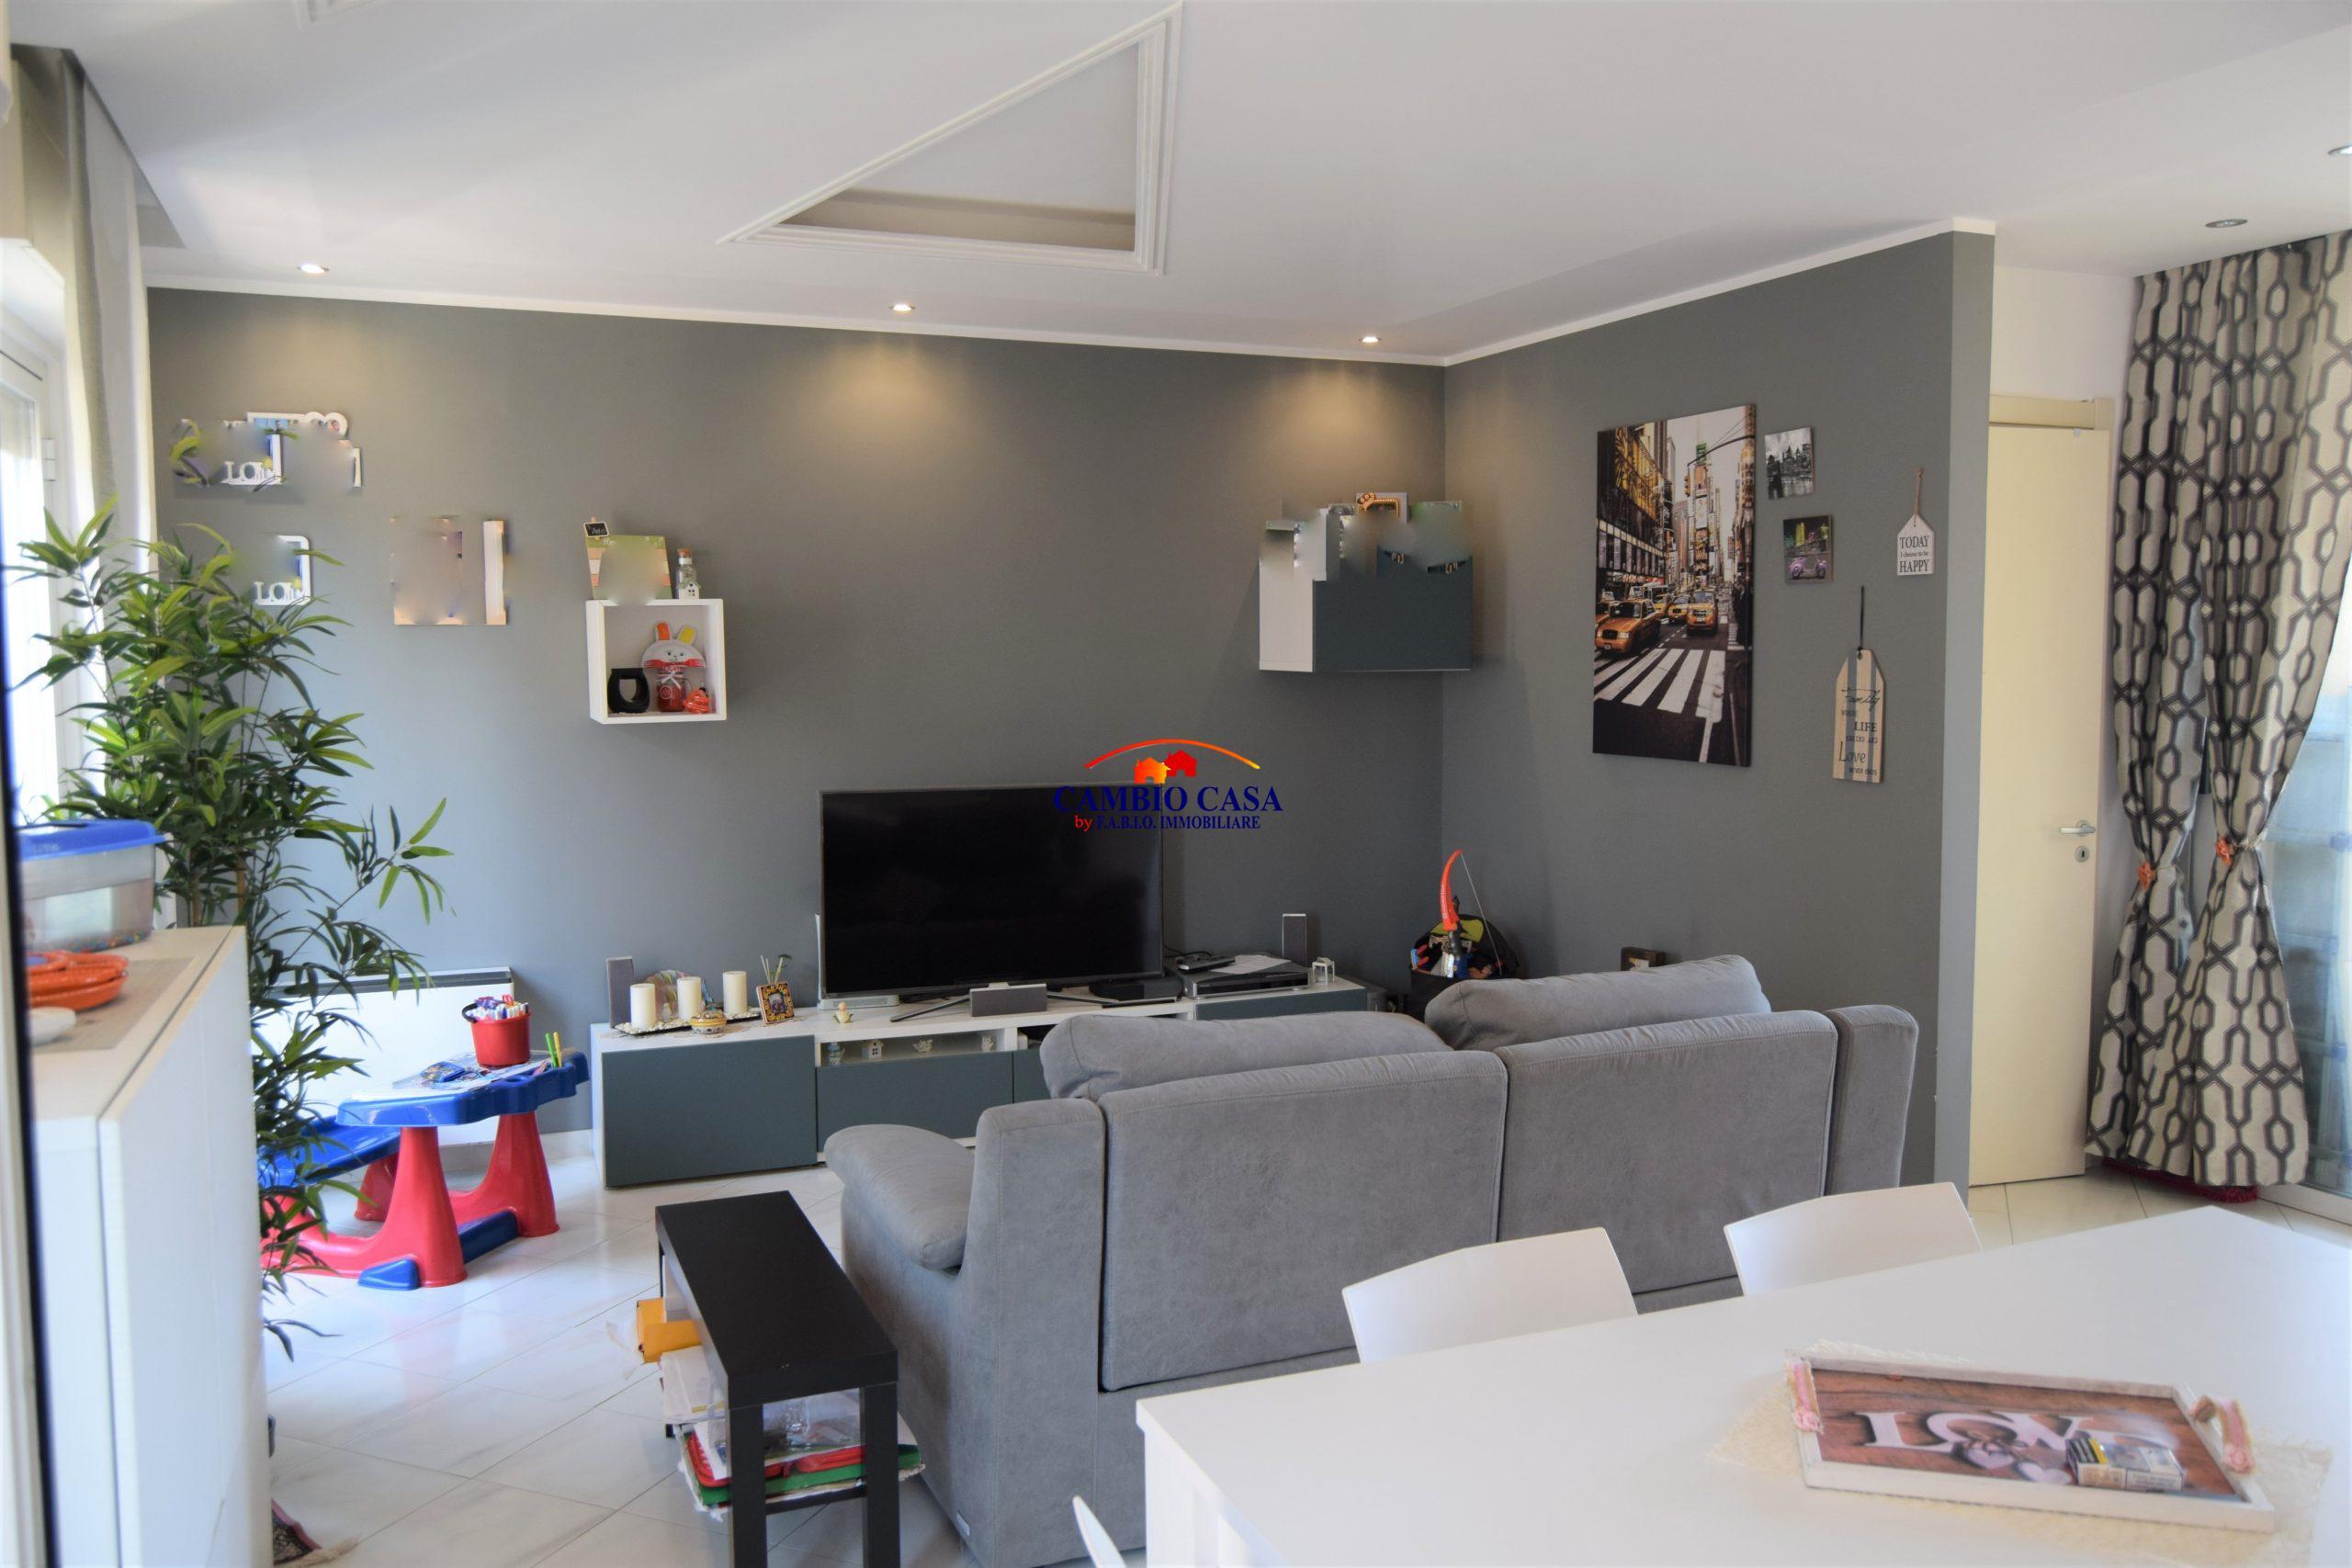 Ragusa – Appartamento duplex mq. 100 più terrazzino – Zona Scuola Crispi